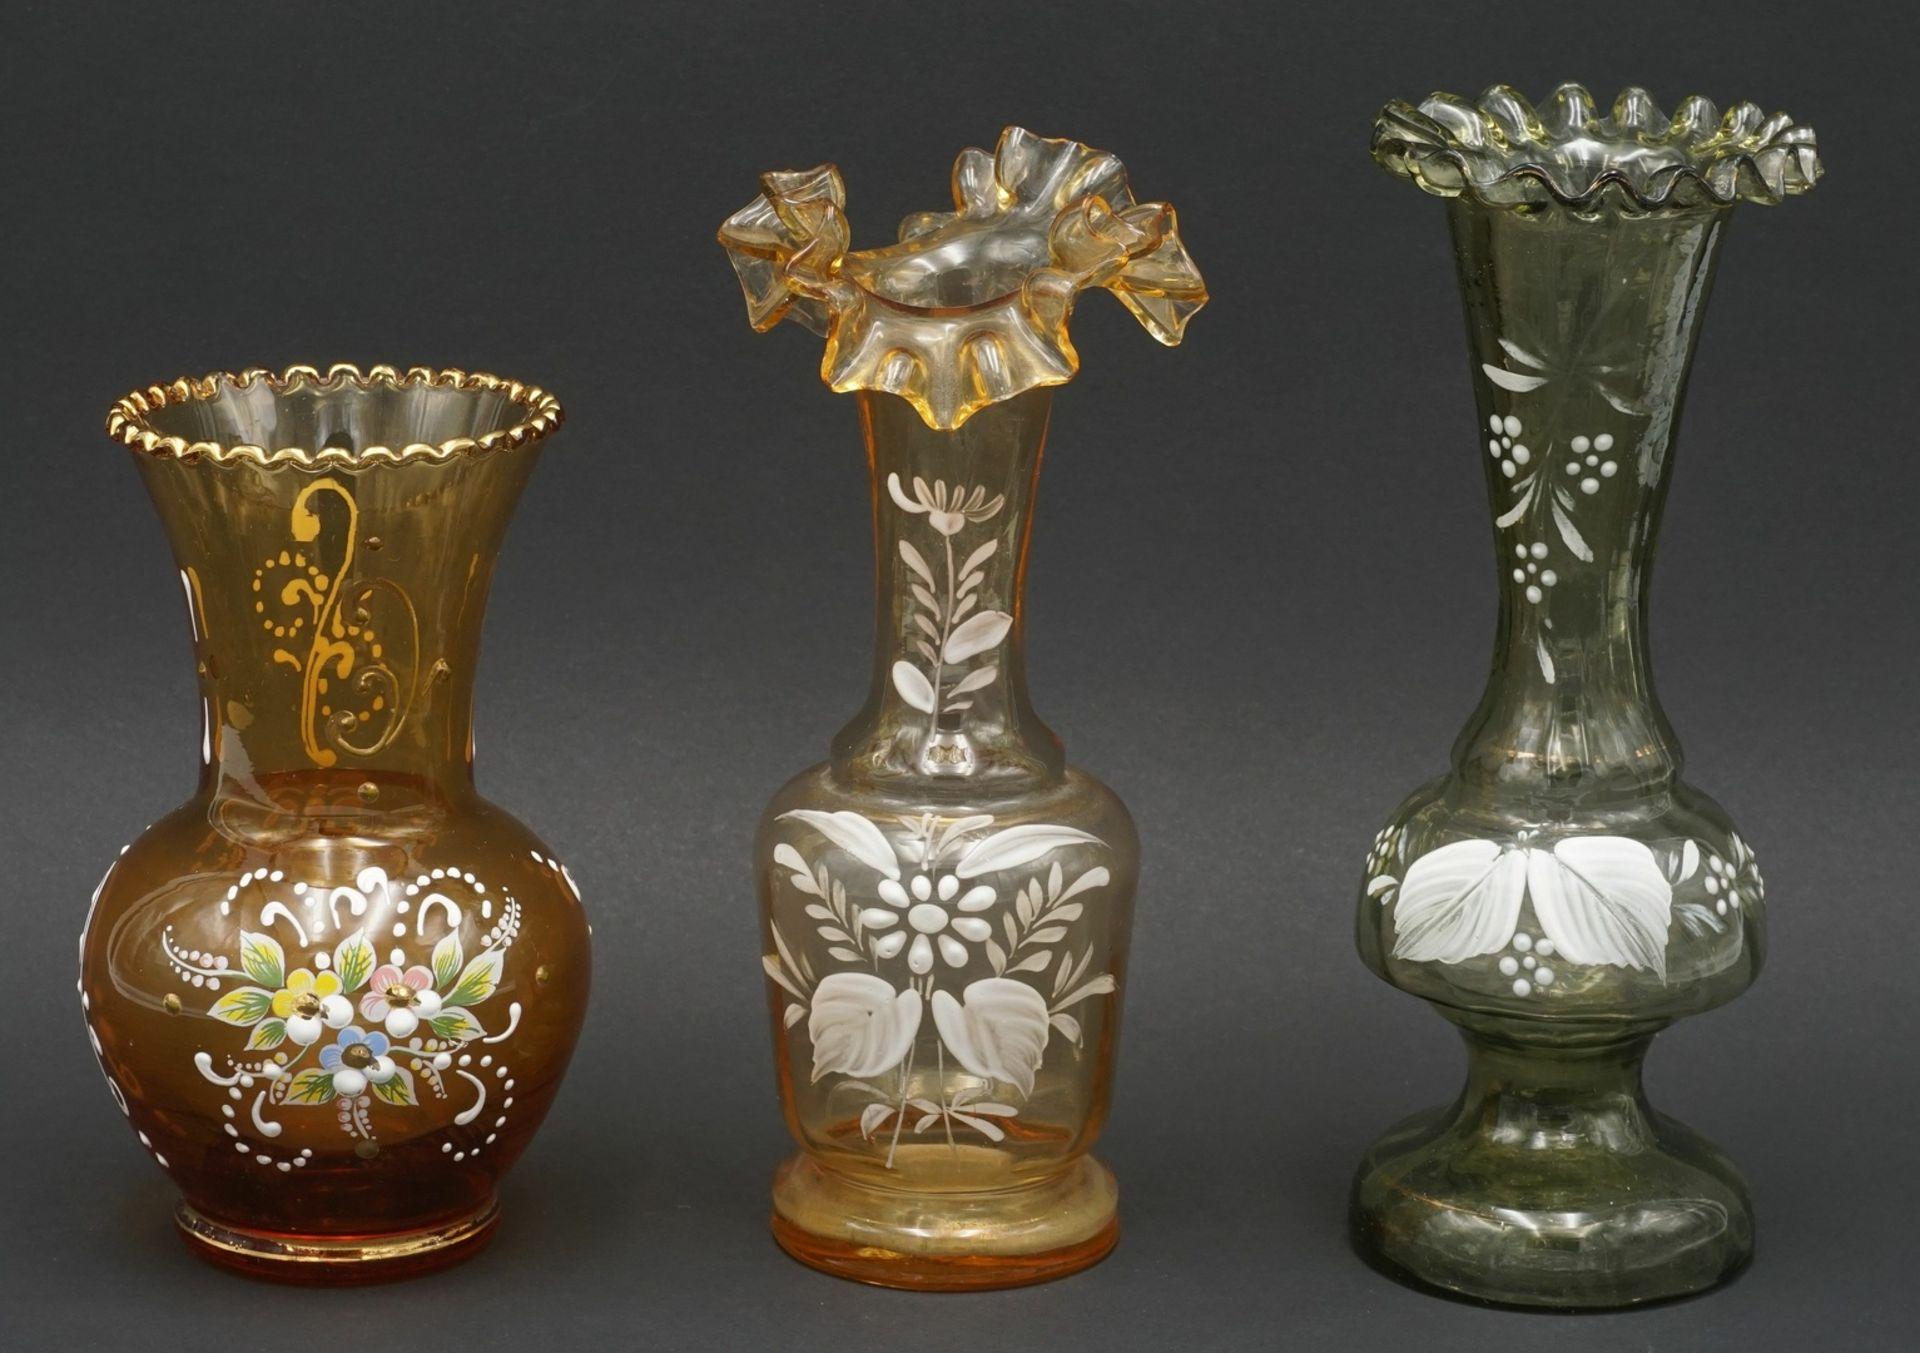 Drei Vasen, um 1900